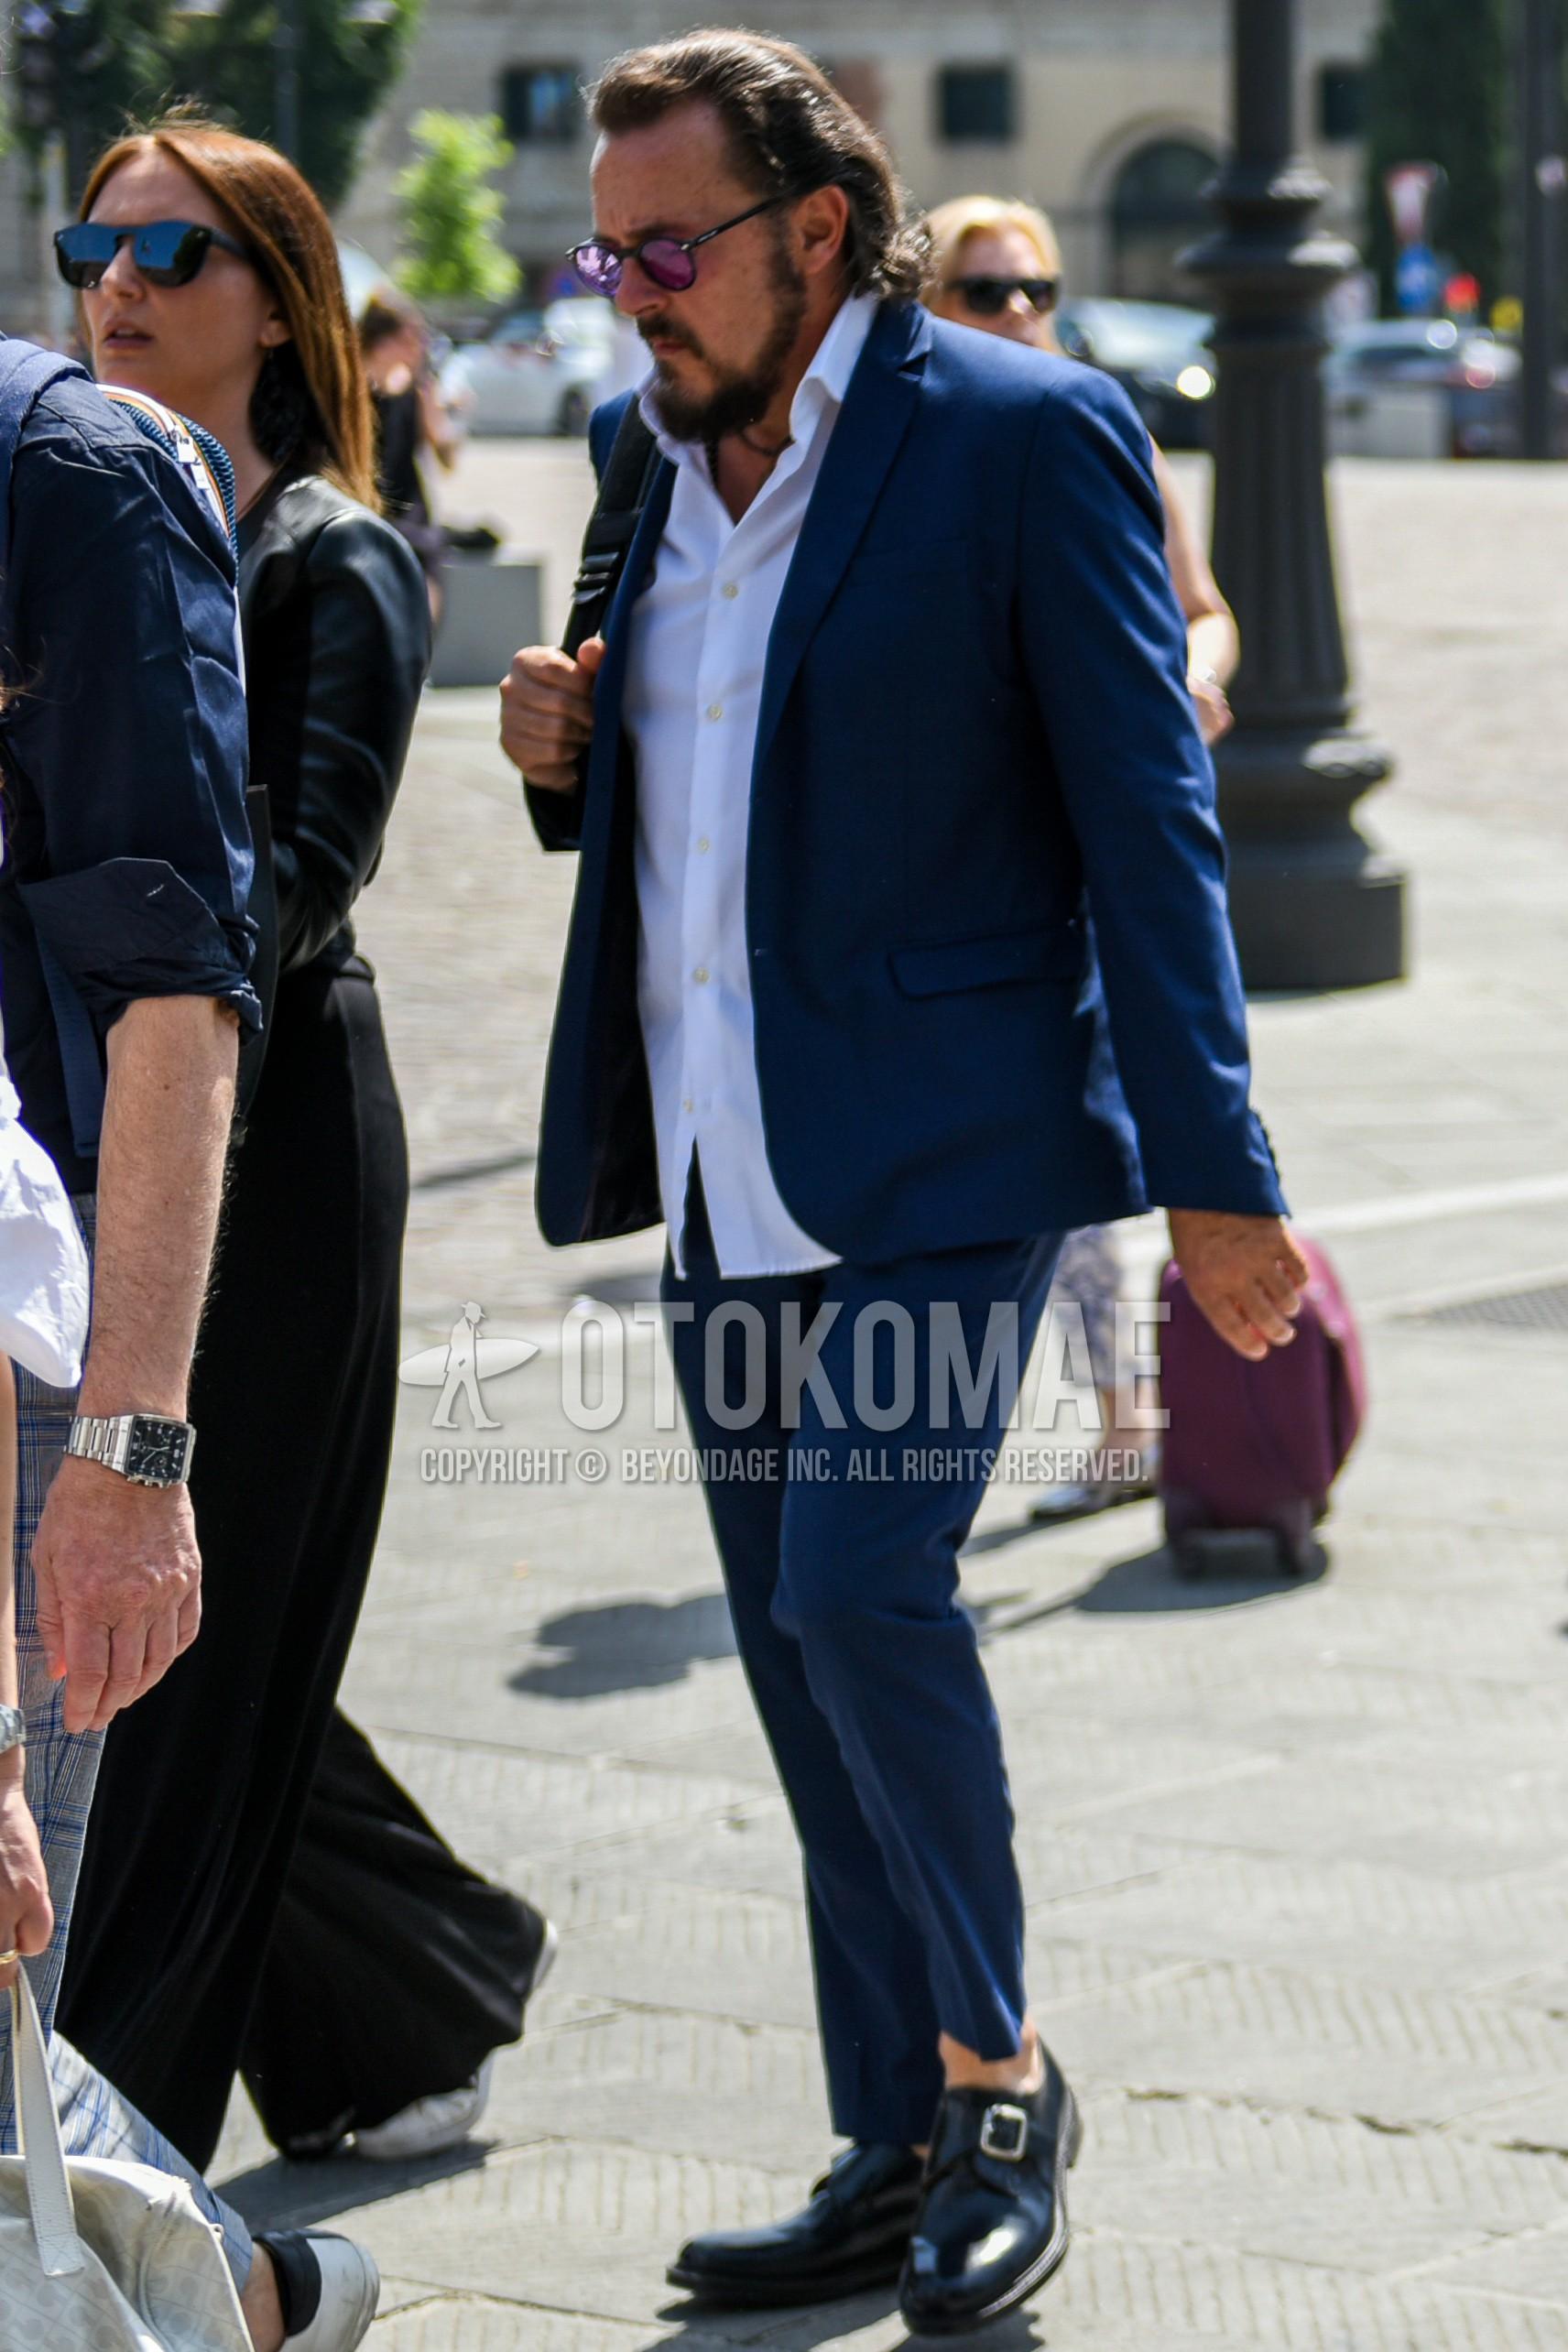 黒無地のサングラス、白無地のシャツ、黒モンクシューズの革靴、ネイビー無地のスーツを合わせた春秋のメンズコーデ・着こなし。